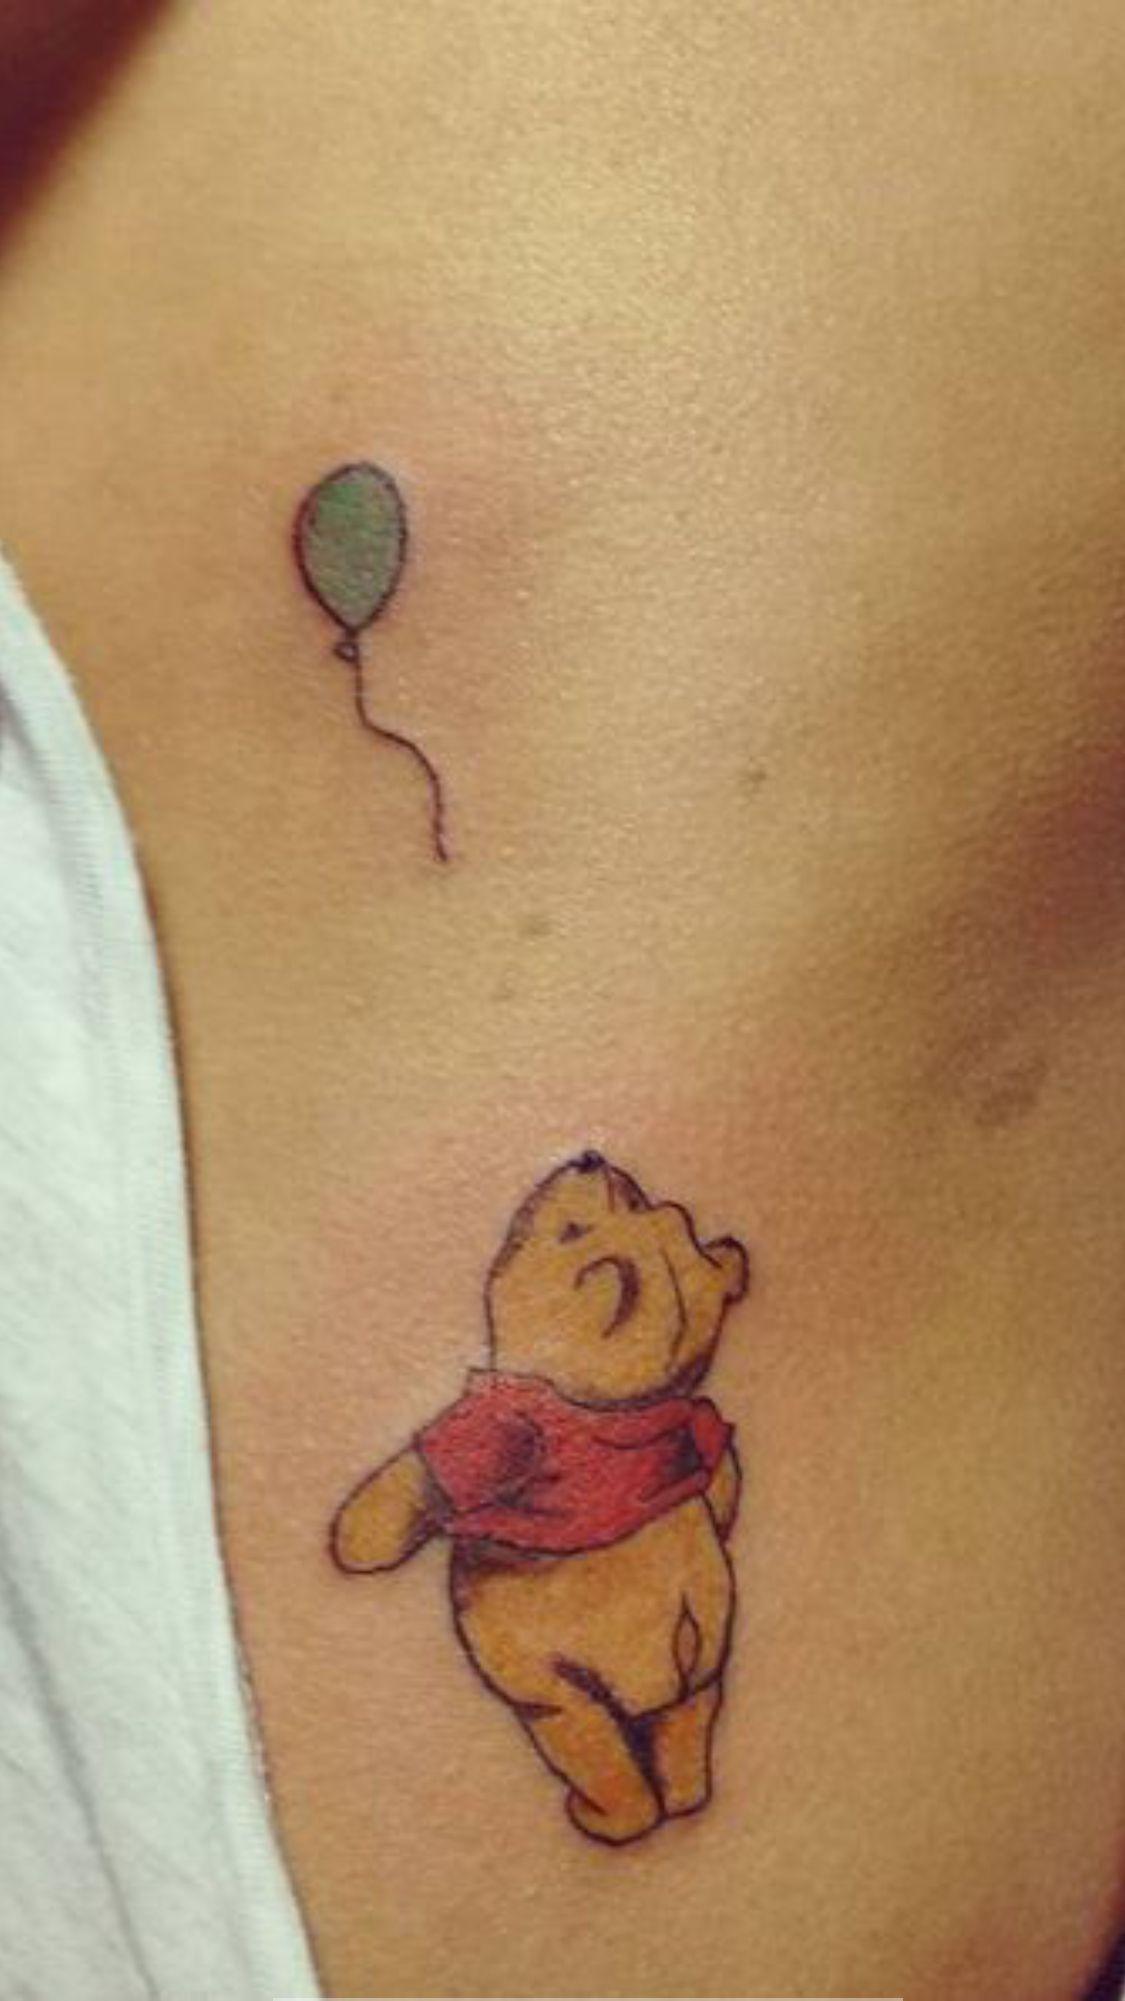 Winnie the Pooh tattoo ❤️